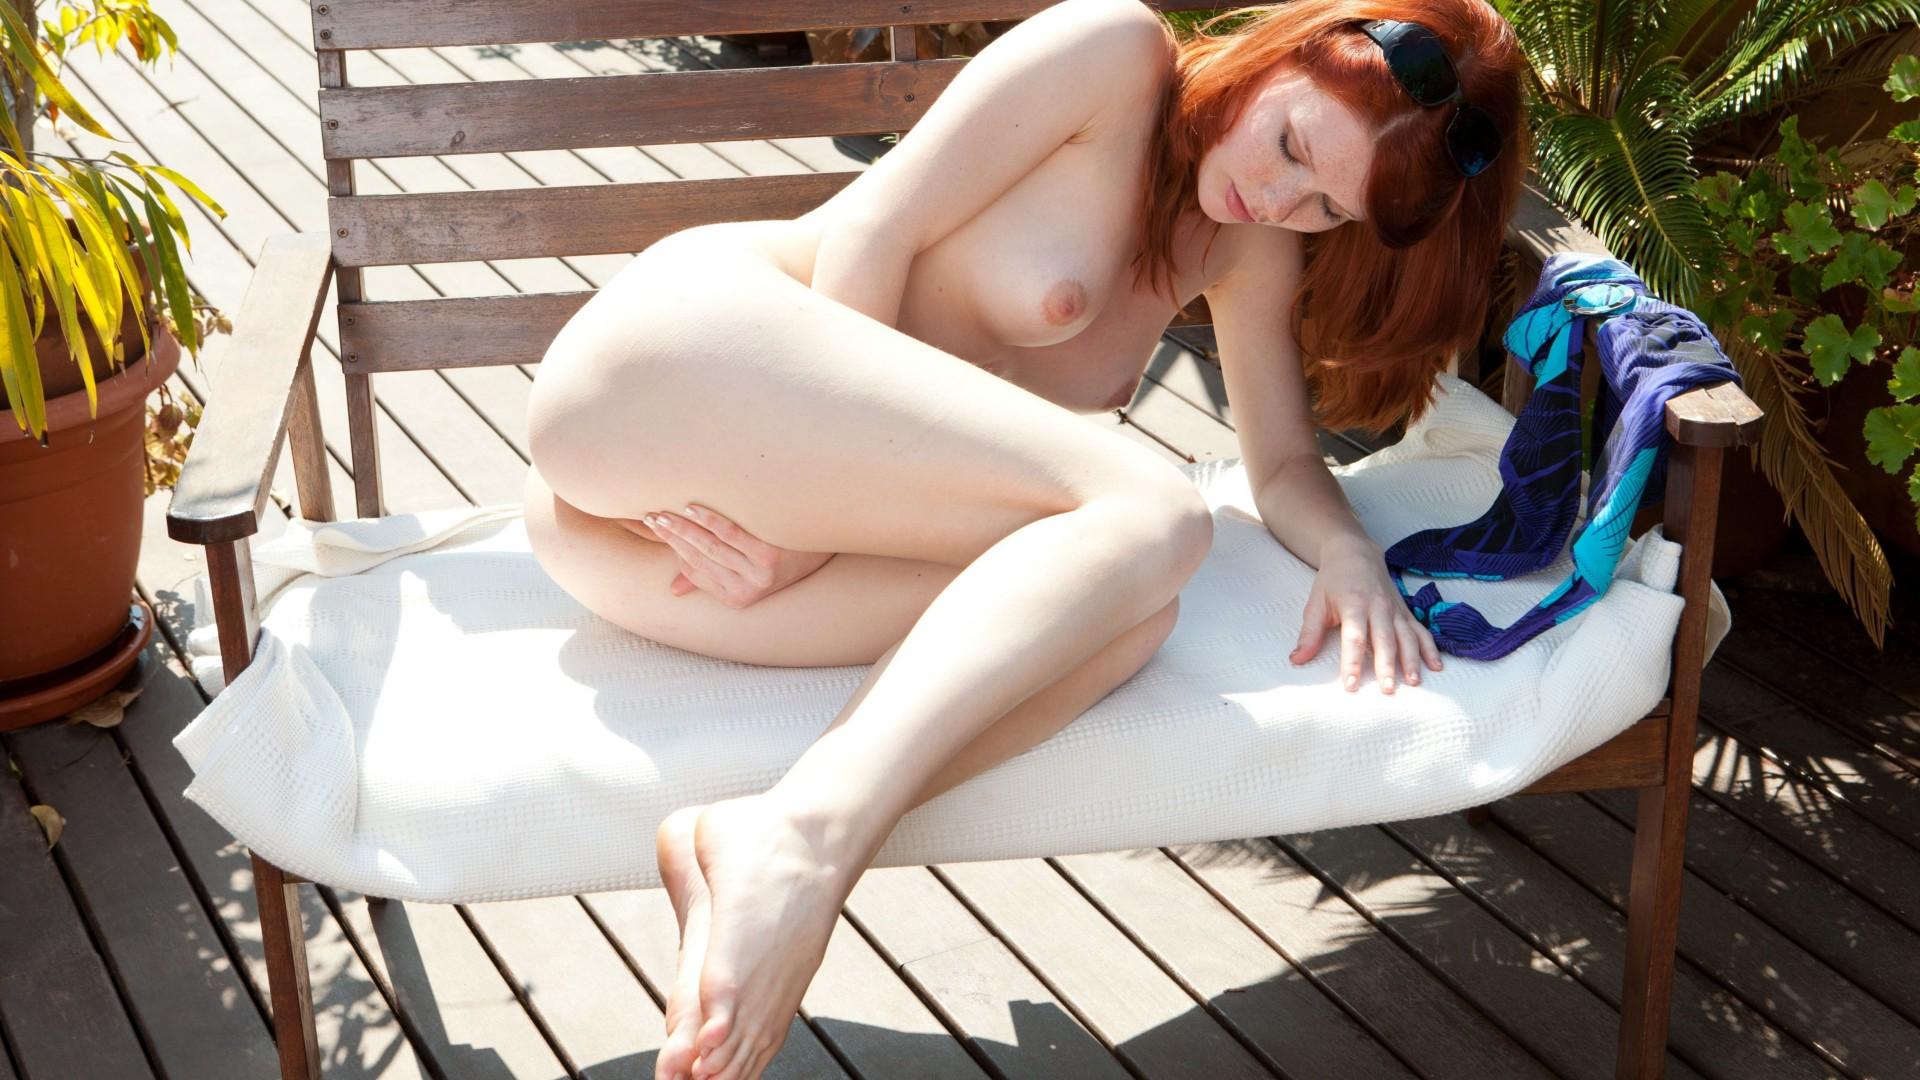 Рыжие девушки мастурбация, Порно видео: МастурбацияРыжие. Лучших порно 10 фотография